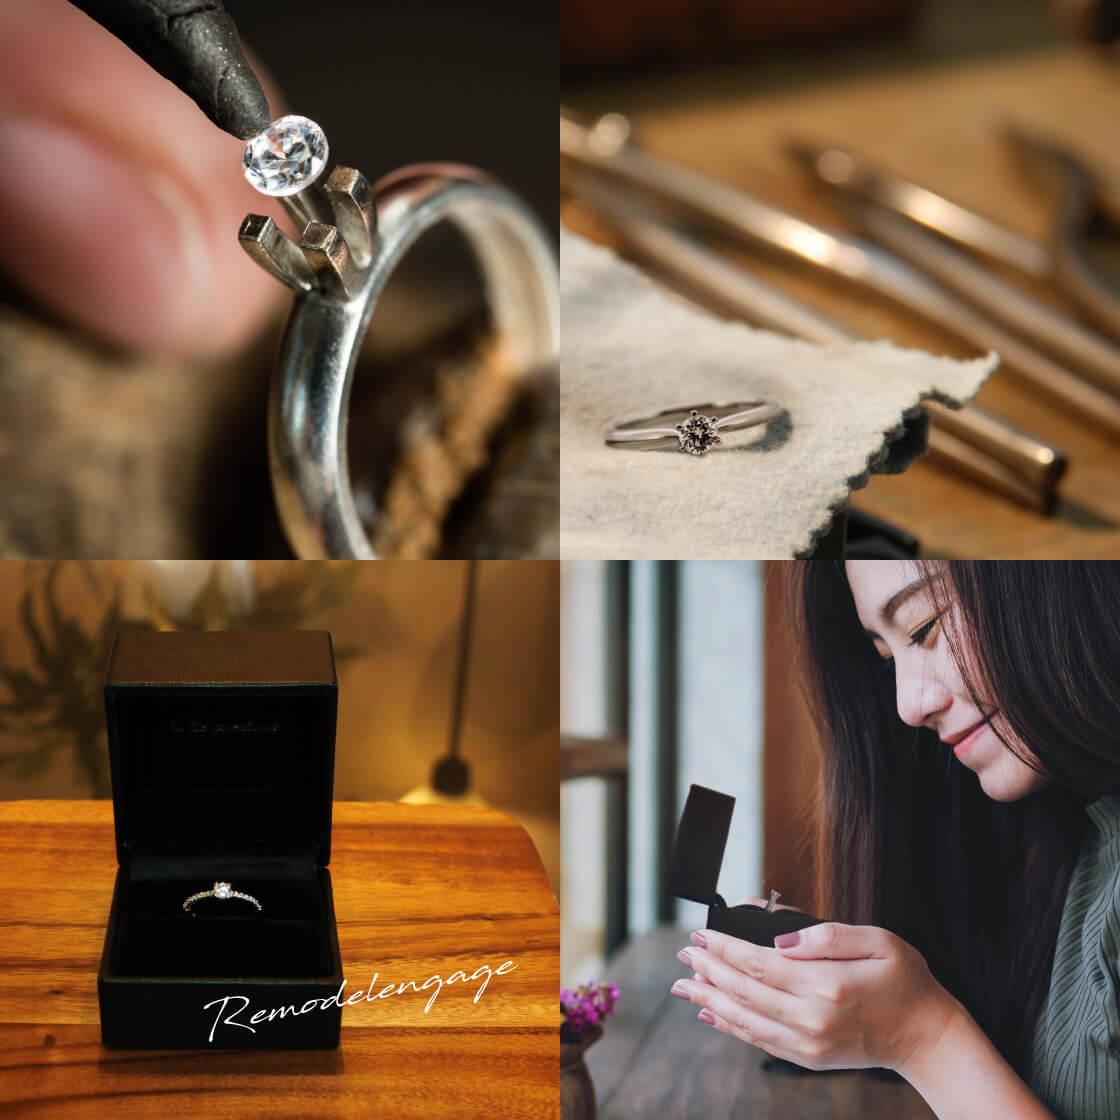 工房でリモデルしているイメージから完成したリングをみて微笑んでる女性の様子